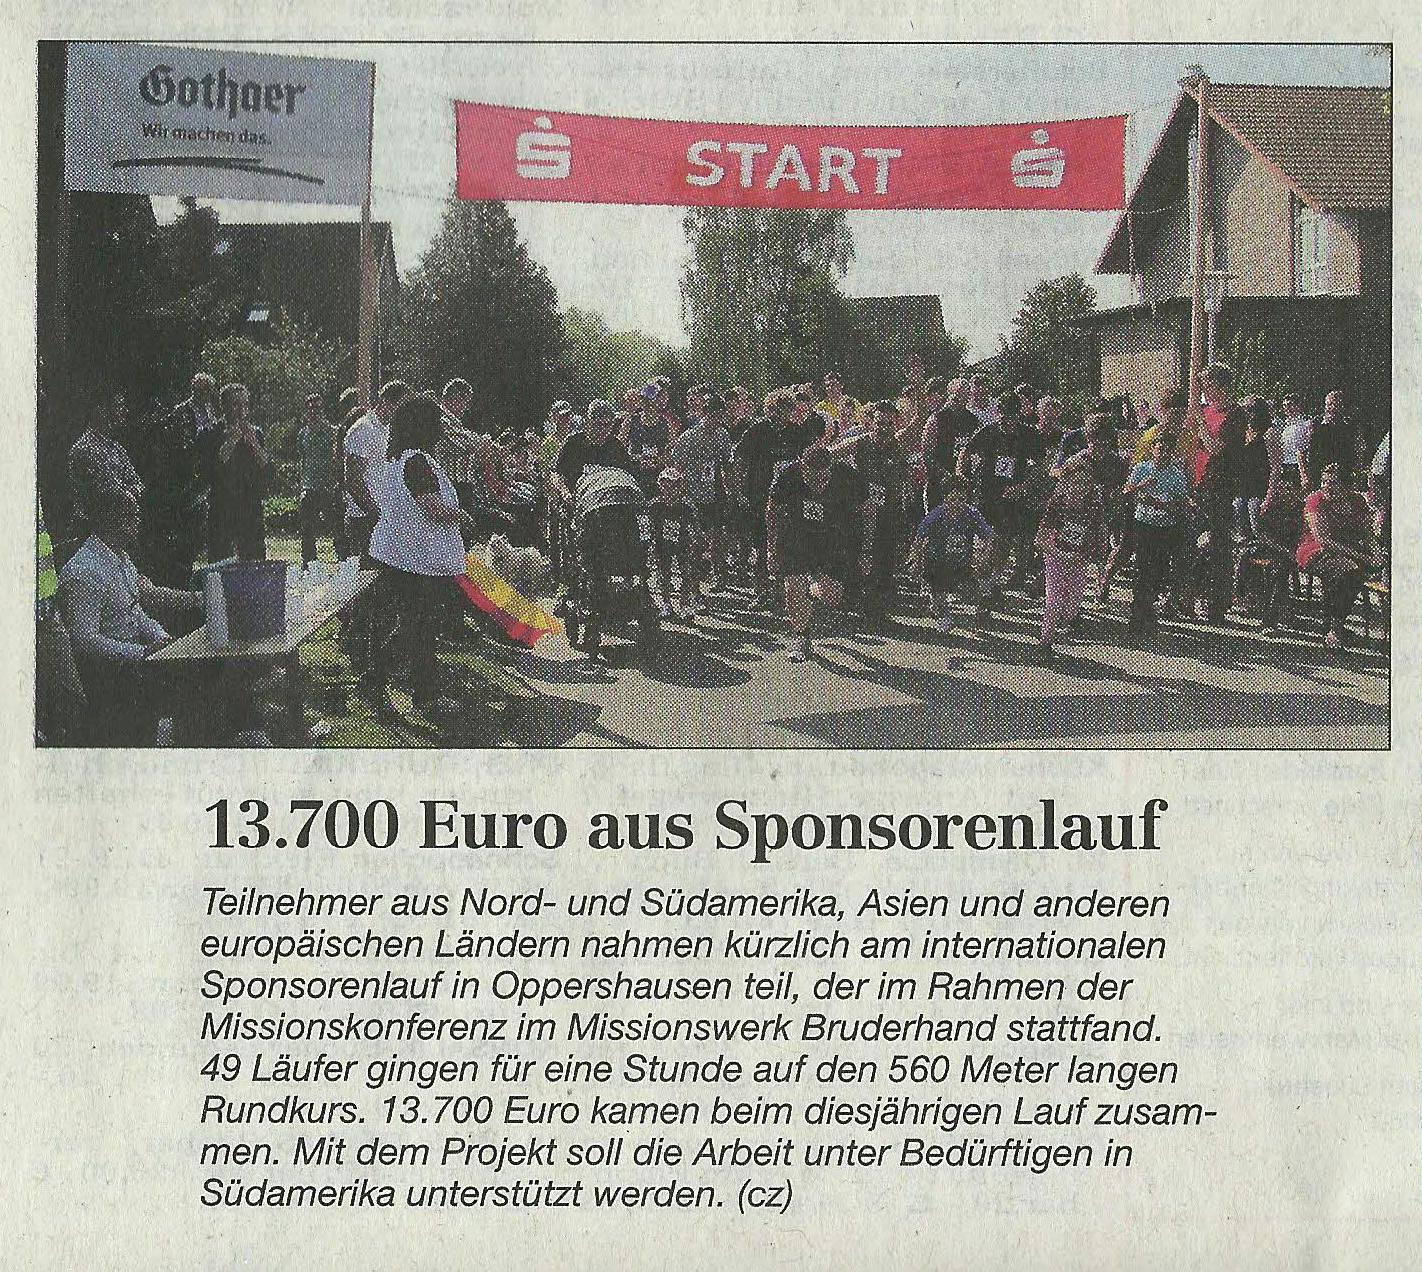 2014-05-06 Sponsorenlauf CZ